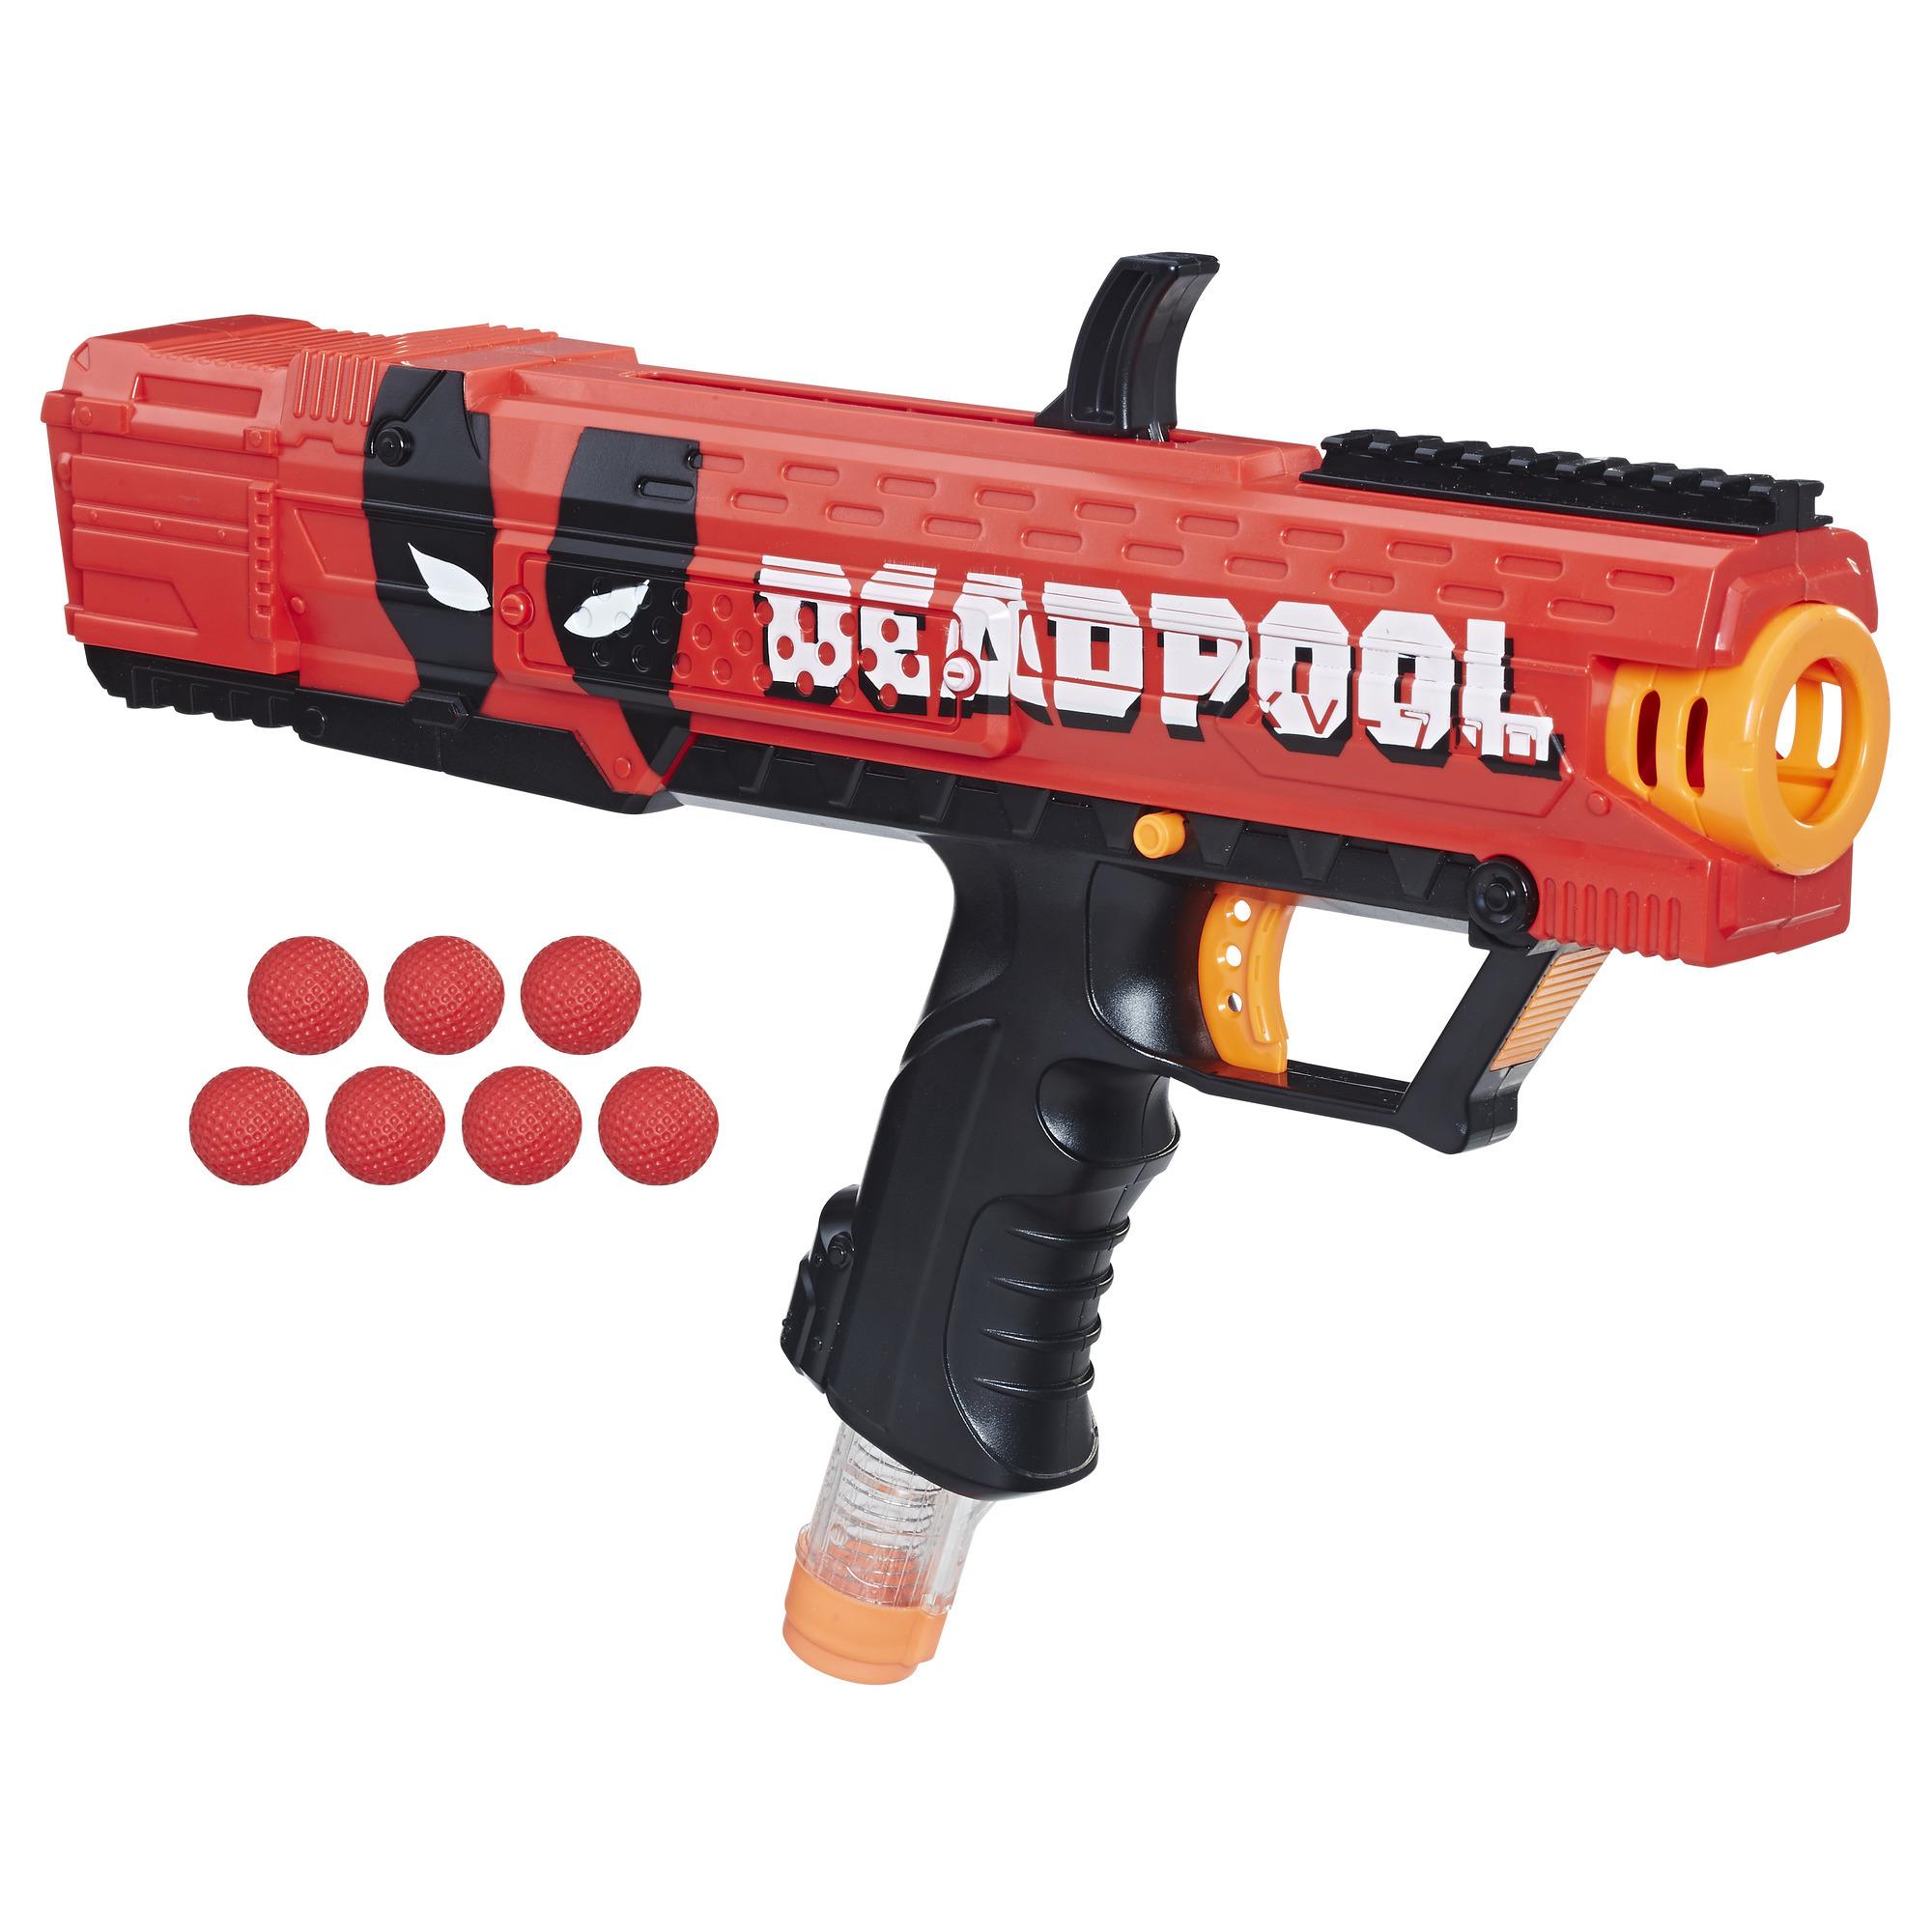 Nerf Rival Deadpool Apollo XV-700 by Hasbro, Inc